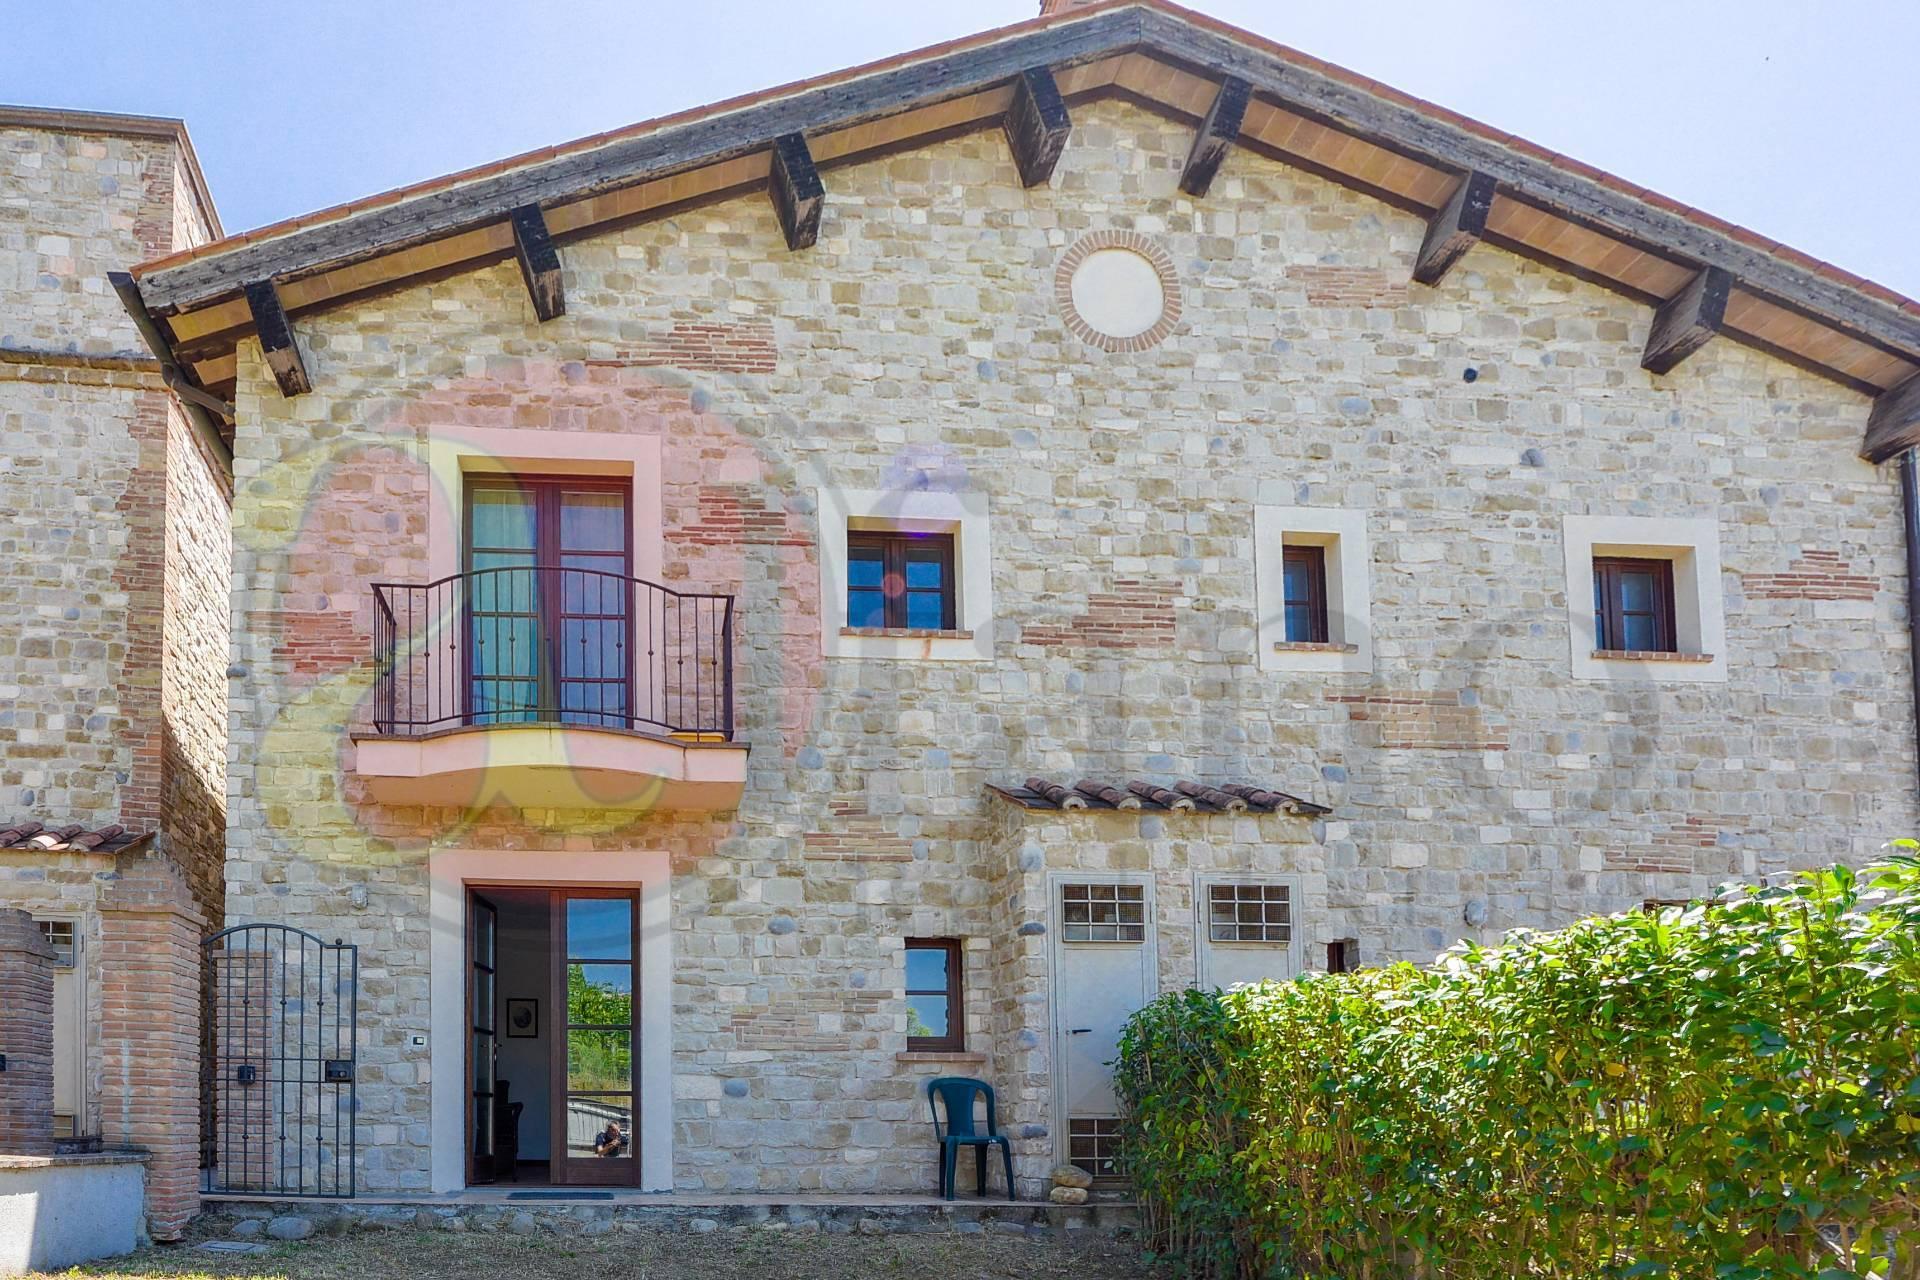 Appartamento in vendita a Ficulle, 3 locali, prezzo € 68.000 | PortaleAgenzieImmobiliari.it